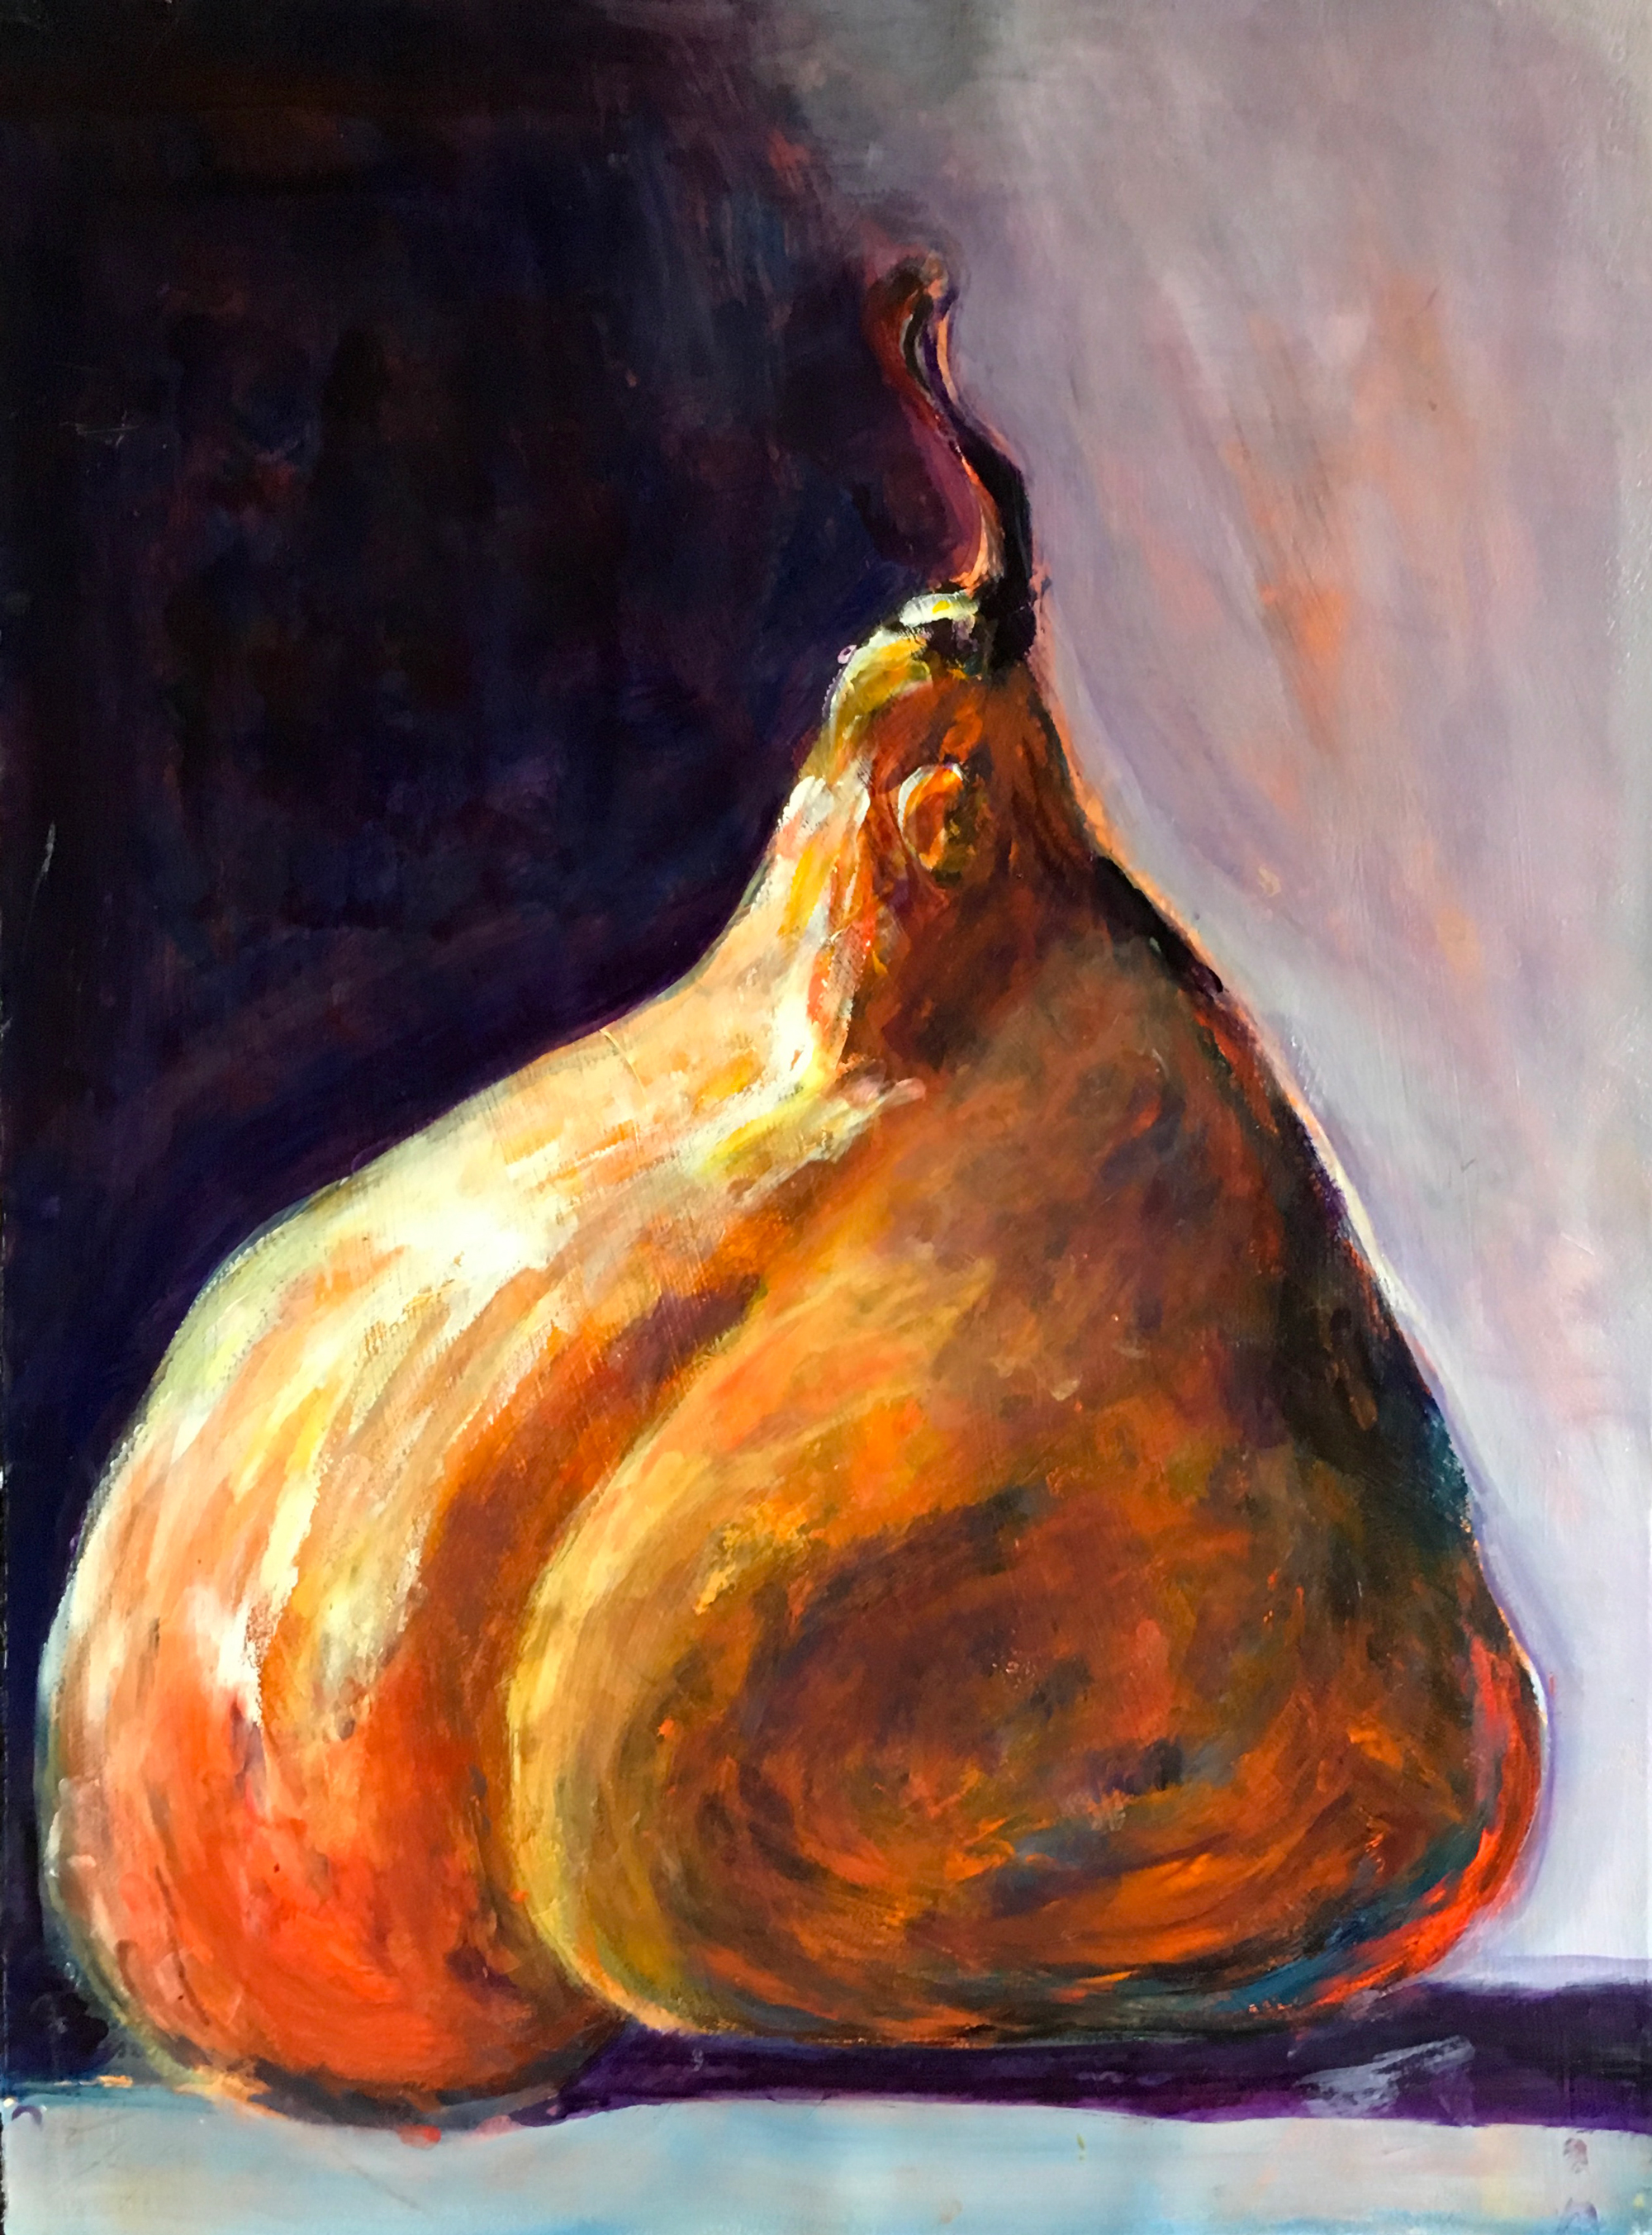 A Pear or a Pair